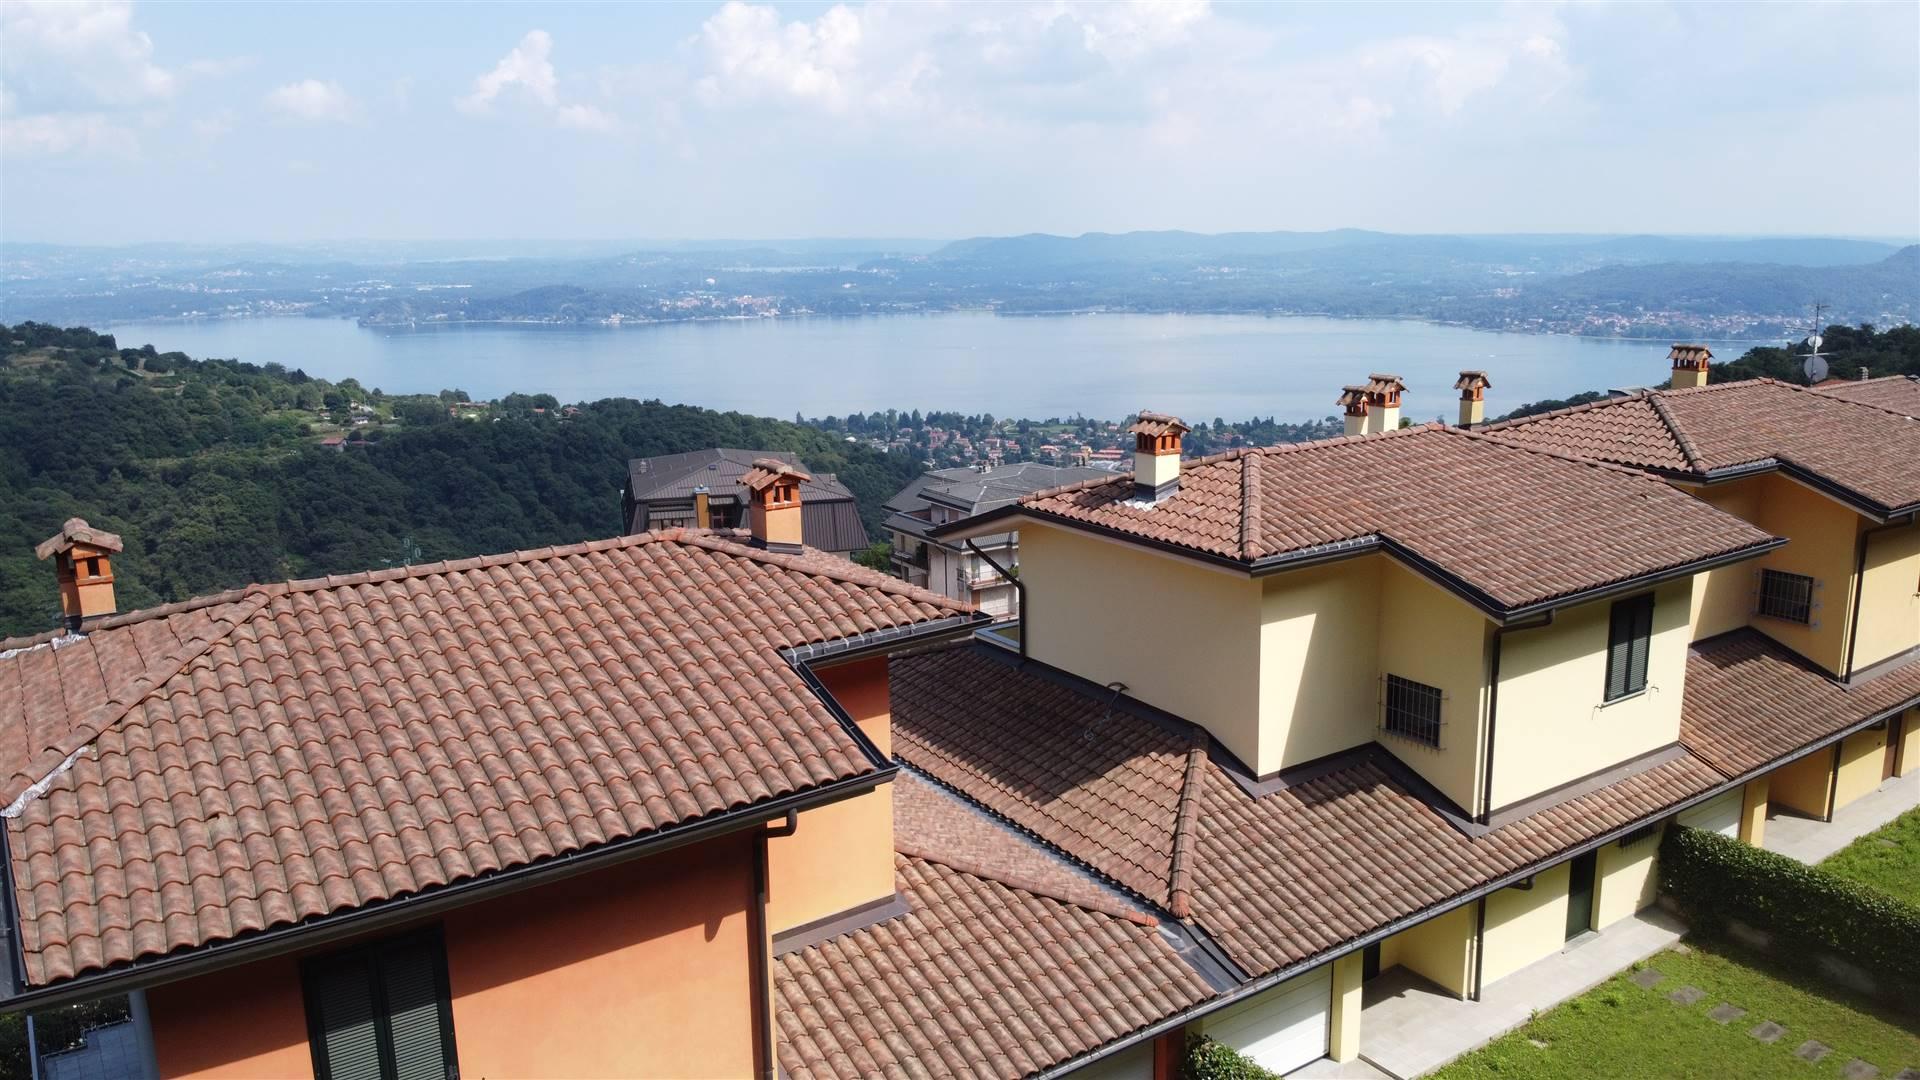 Villa in vendita a Massino Visconti, 7 locali, prezzo € 370.000 | PortaleAgenzieImmobiliari.it